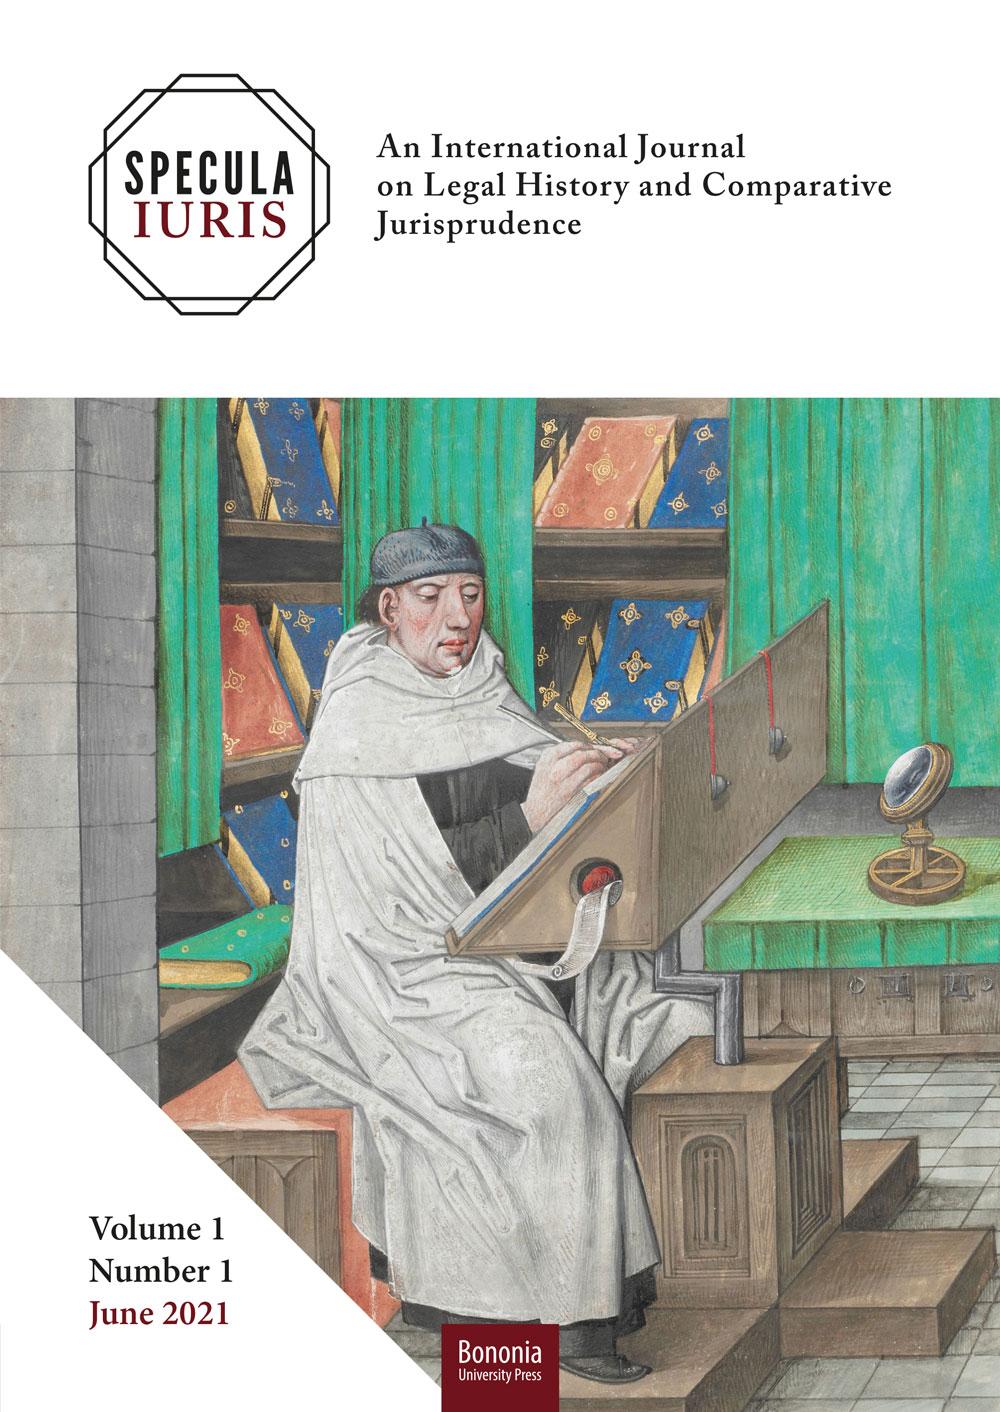 Specula Iuris - Bononia University Press